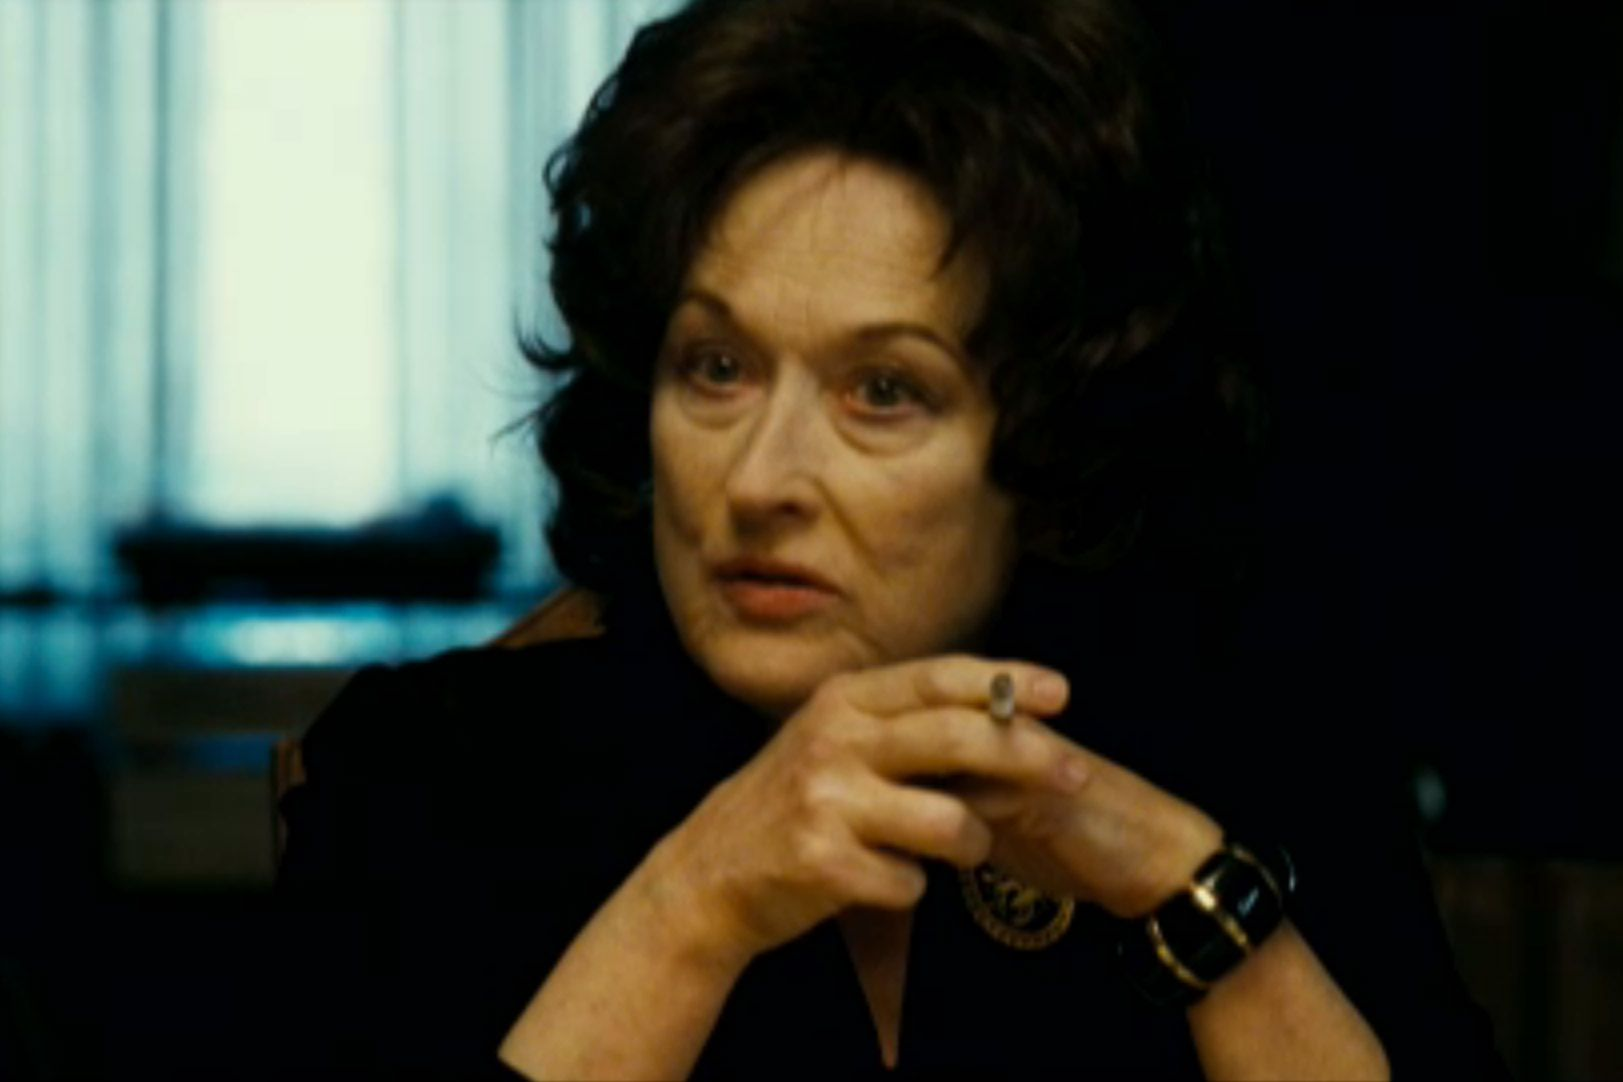 Meryl Streep august osage county